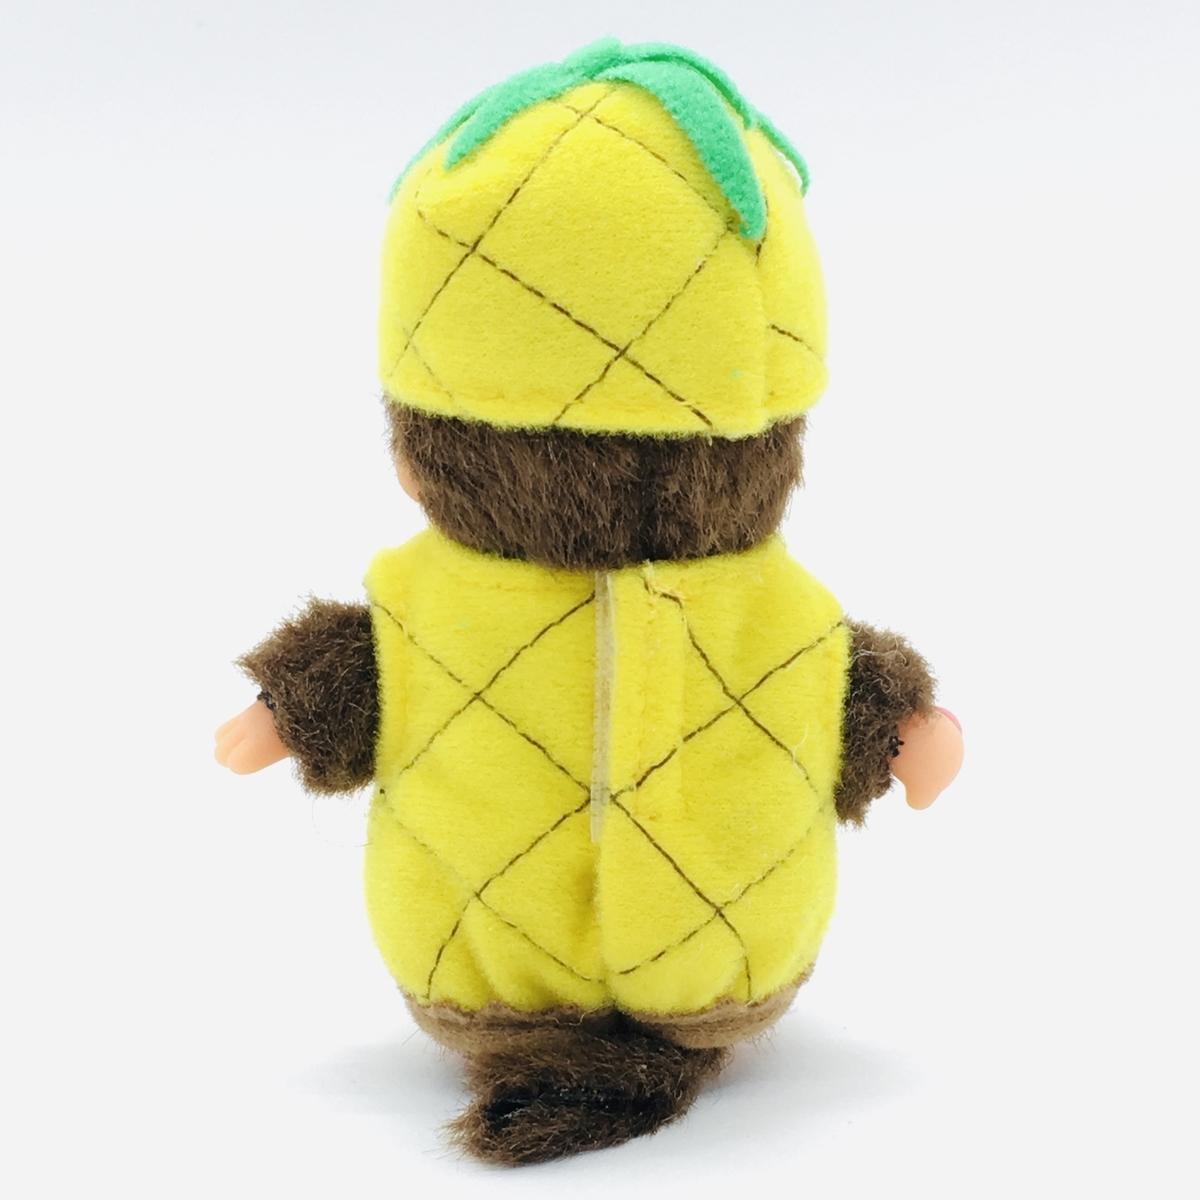 モンチッチが「沖縄県限定のパイナップルモンチッチ」の衣装を着て後ろを見ているところ